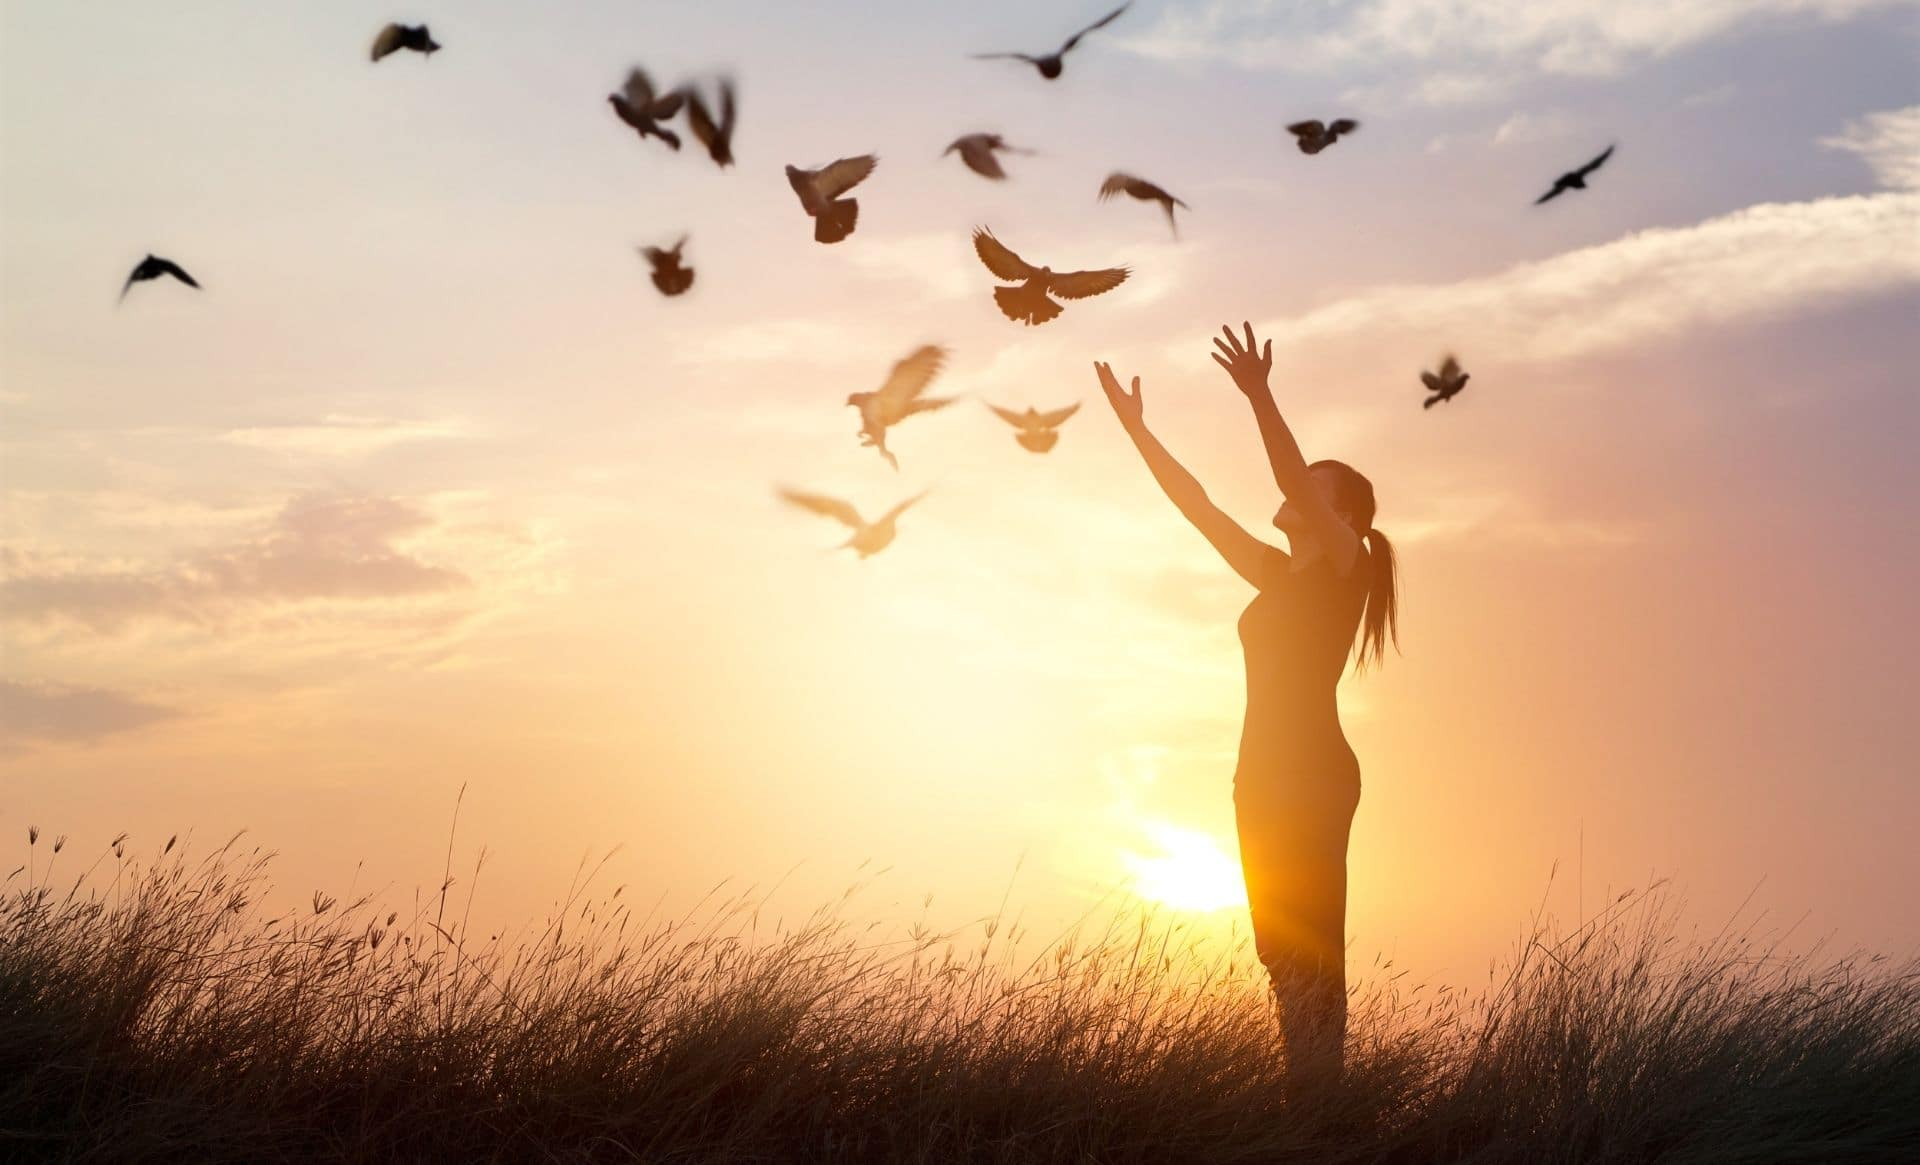 przebaczanie moze miec pozytywny wplyw na twoje zycie